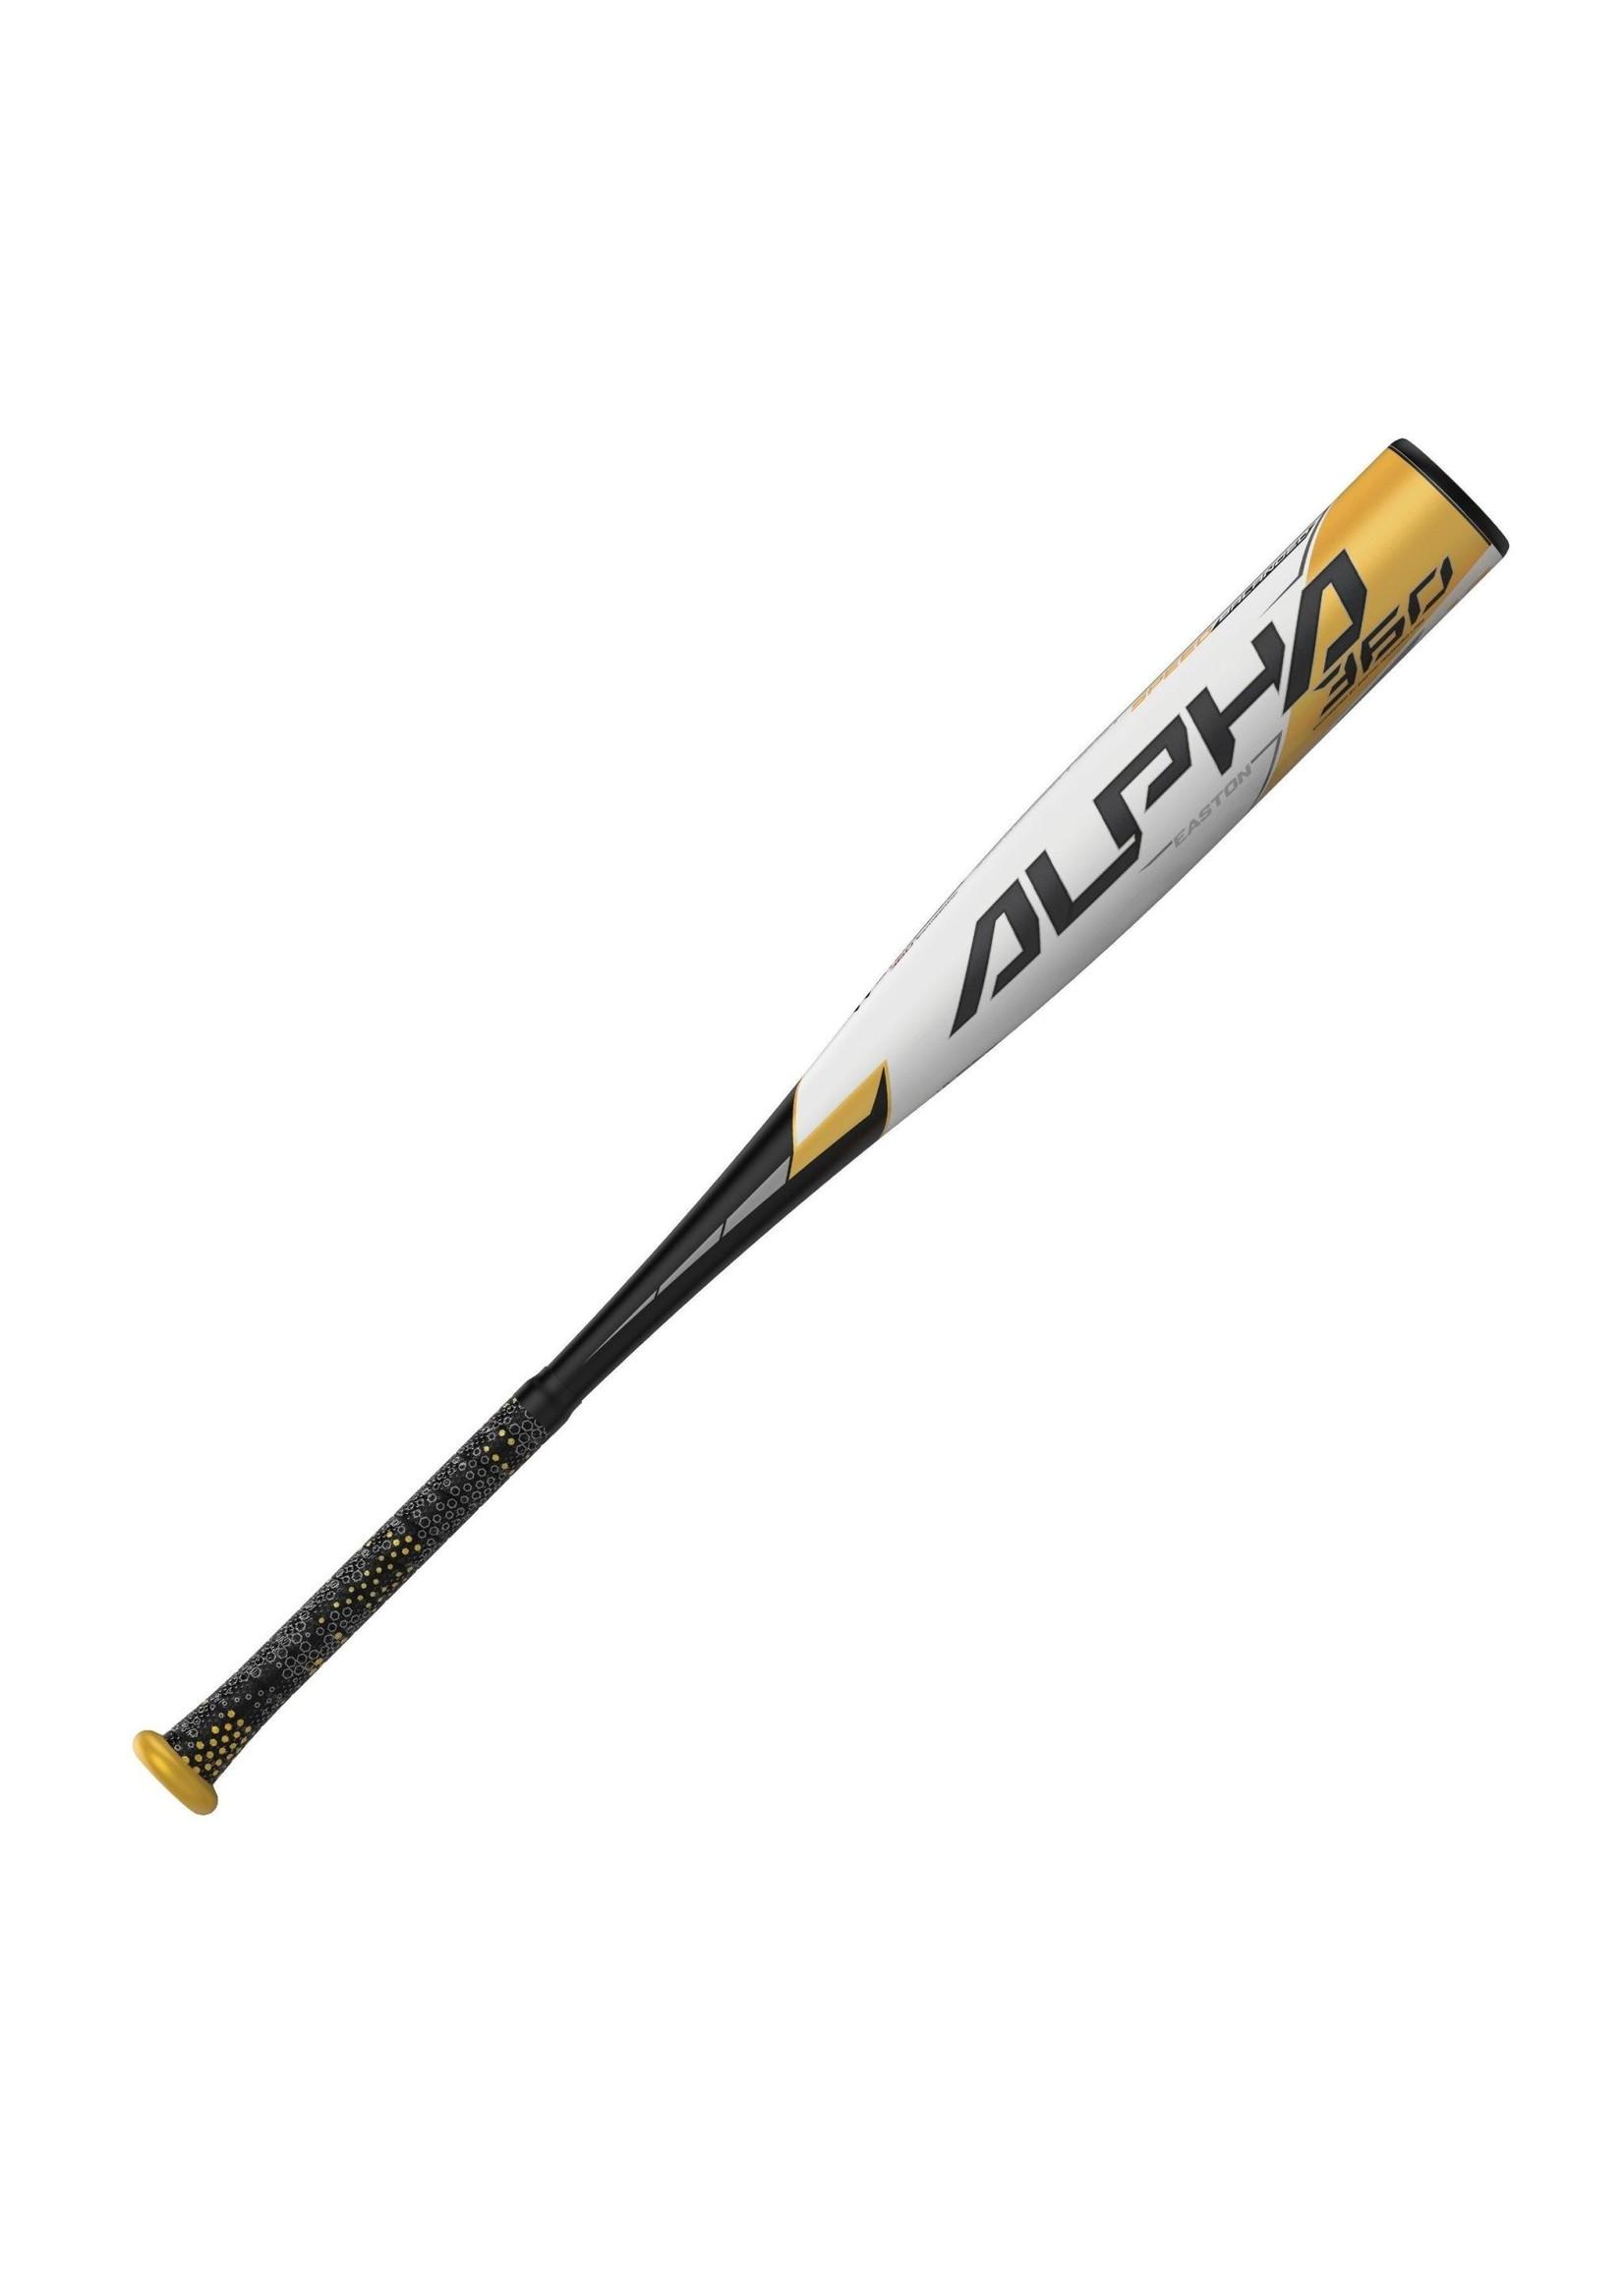 Easton Baseball (Canada) EASTON ALPHA 360 BATON BASEBALL 2''3/4